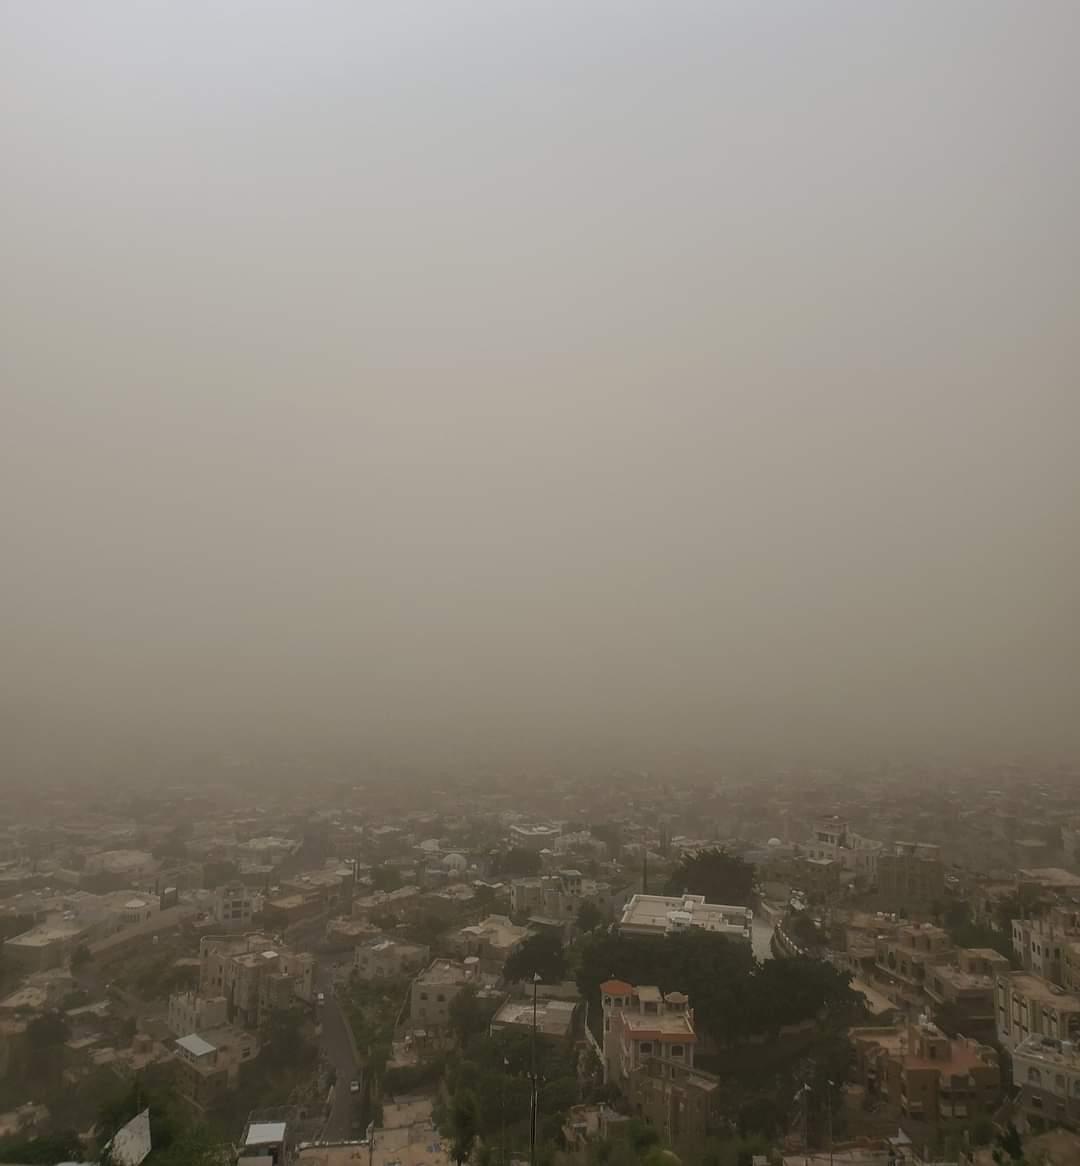 موجة غبار كثيفة تجتاح مدينة تعز وخبير طقس يمني يزف بشرى سارة ستحدث خلال الأيام القادمة